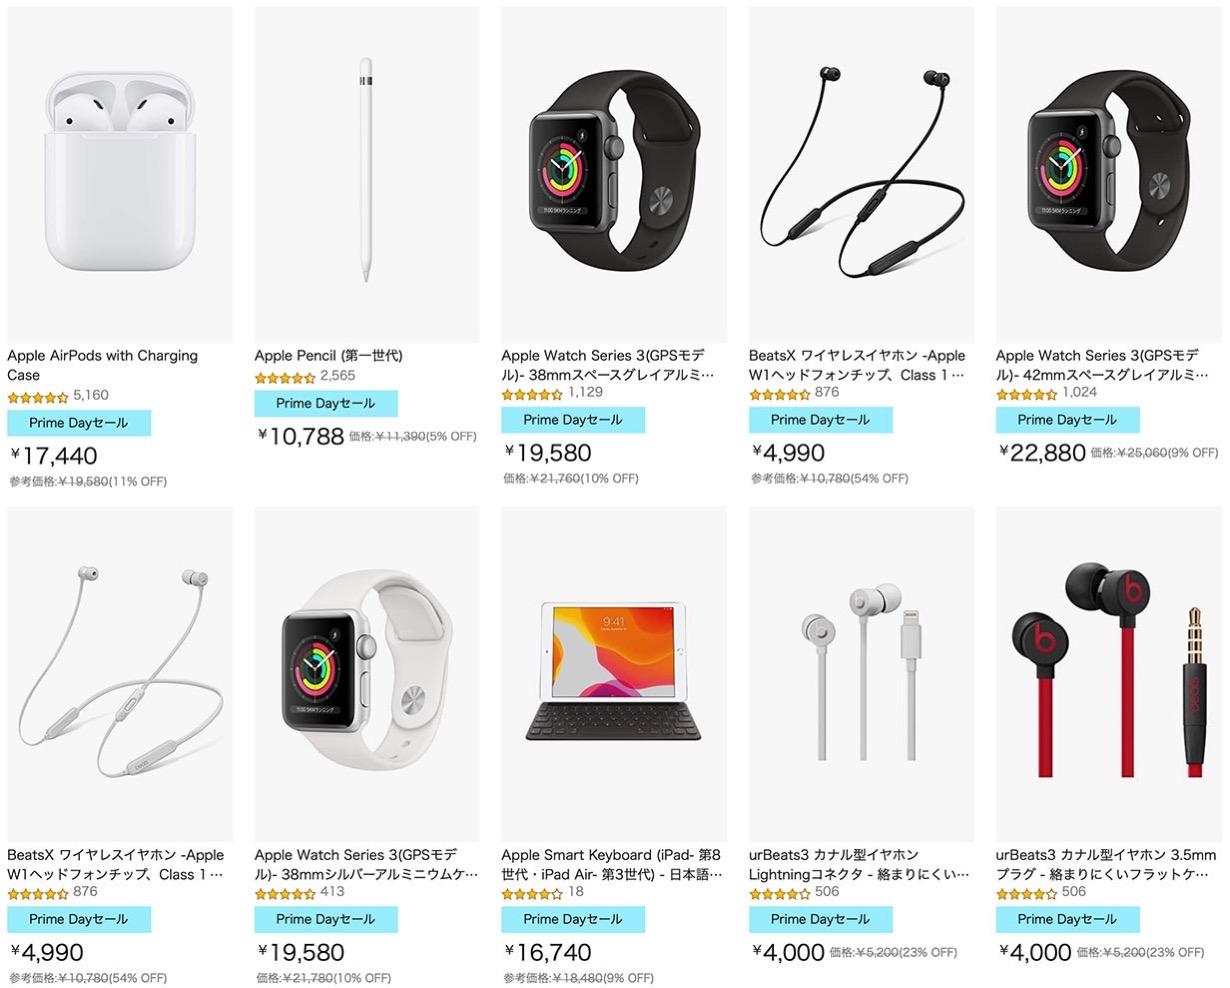 【プライムデー】Apple製品が対象となる「MacBook・Watch・BeatsなどApple製品がお買い得」セール実施中(10/14まで)